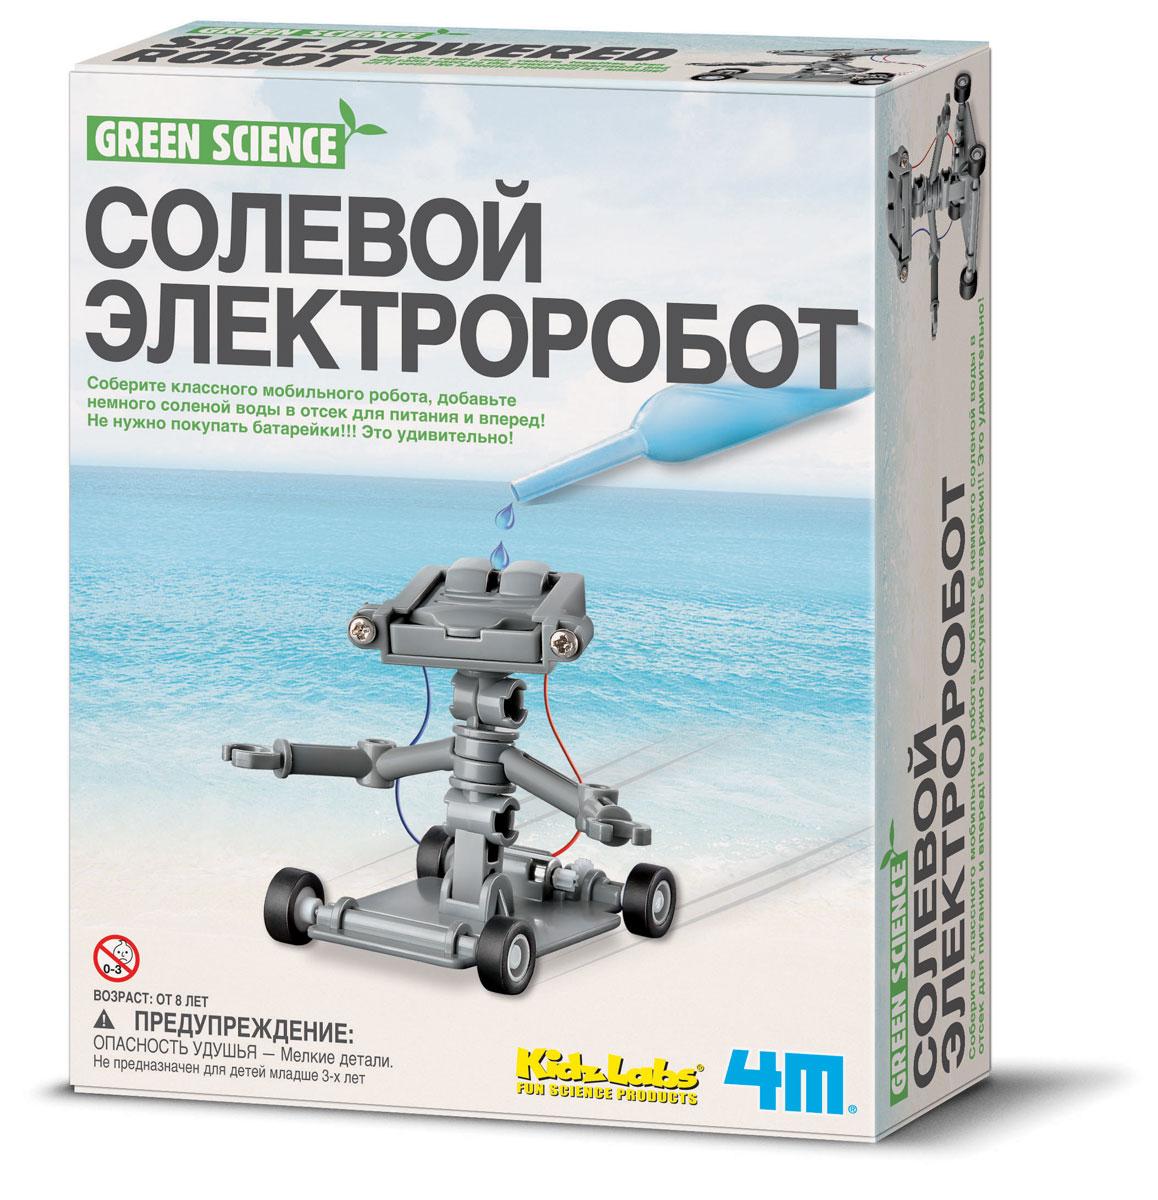 Сборная модель 4M Солевой электроробот00-03353Соберите классного мобильного робота, добавьте немного соленой воды в отсек для питания и вперед! Не нужно покупать батарейки!!! Это удивительно! Содержимое: 1 шасси, 1 корпусная ось, 1 шарнир, 2 руки, 1 батарейный держатель, 1 база для батареи, 1 крышка для батареи, 1 двигатель с проводами и контактами, 1 обычная ось с колесами, 1 ось с шестеренкой и колесами, 2 винта, 1 пипетка, 2 алюминиевых пластины, 2 тканевых листа, 2 листа углеродных листа и 1 набор подробных инструкций с интересными фактами. Вам также потребуется взять дома: чашку, поваренную соль, ложку.